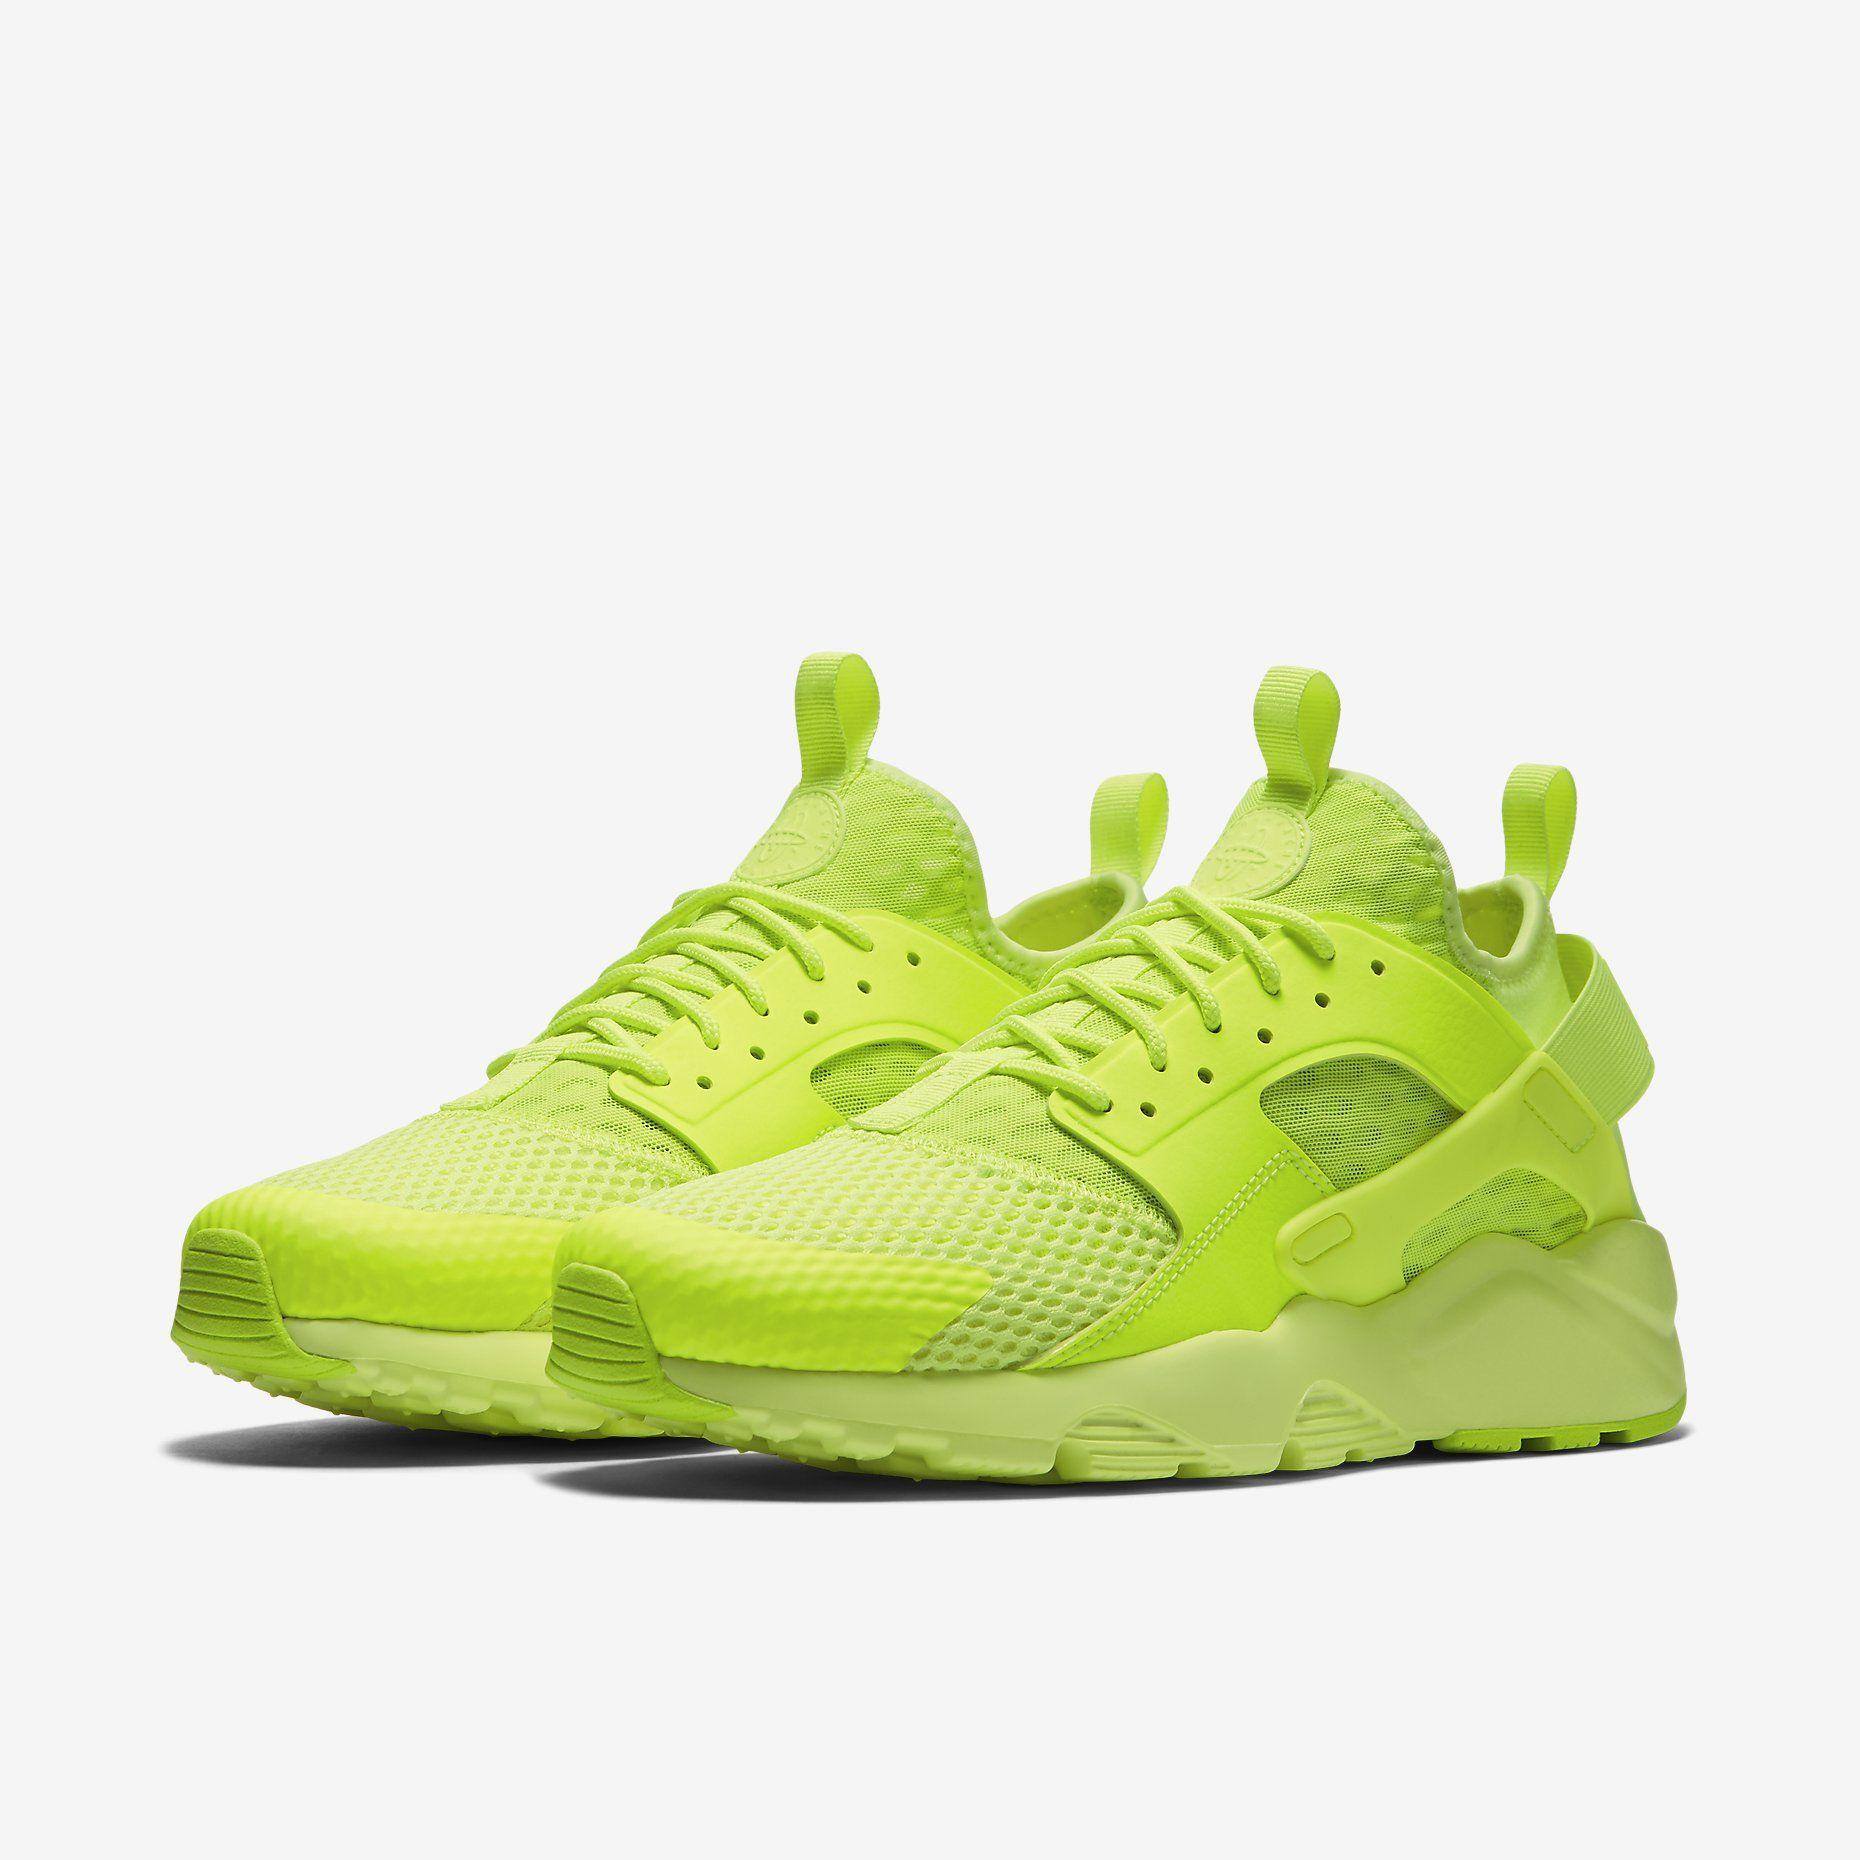 low priced e7e0a 5d6f7 Nike Air Huarache Ultra Breathe - Volt | huaraches in 2019 ...